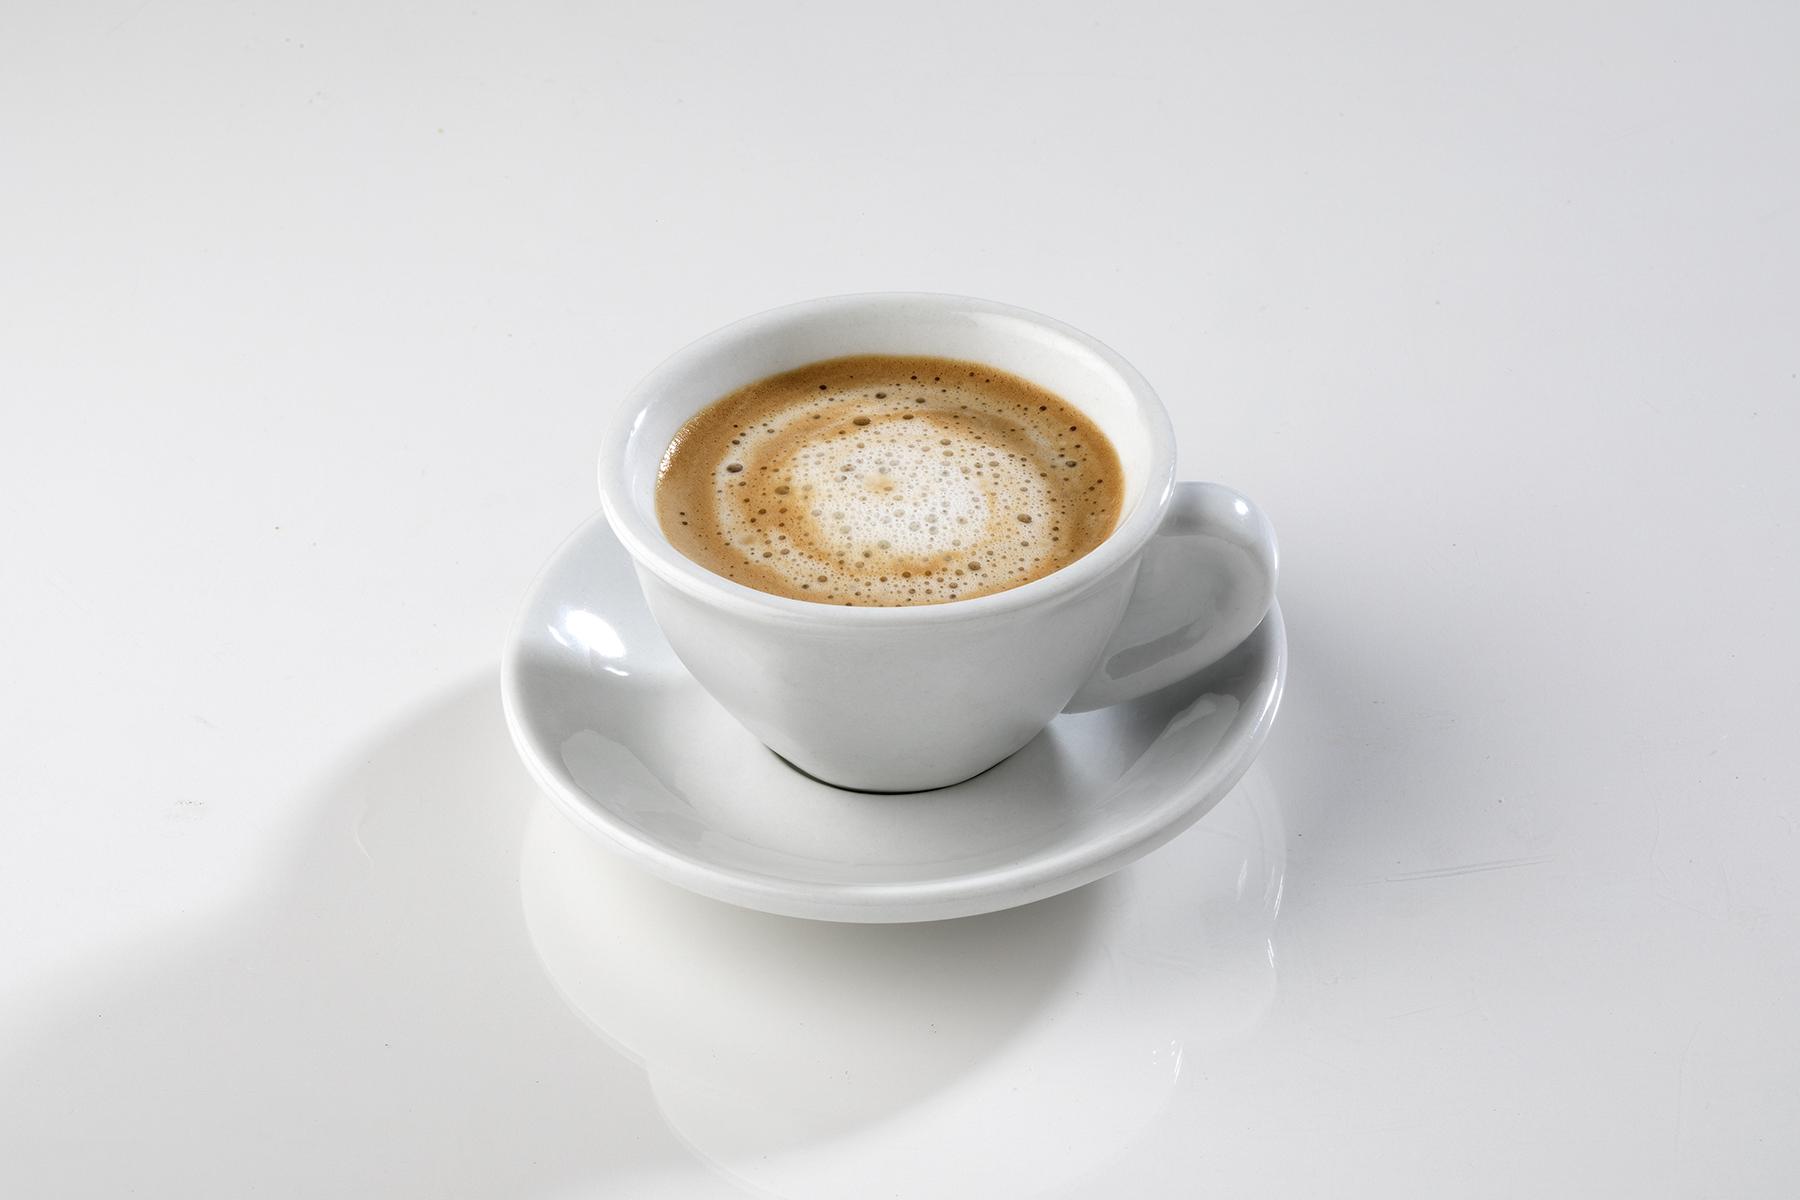 Cortadito: coffee with steam milk